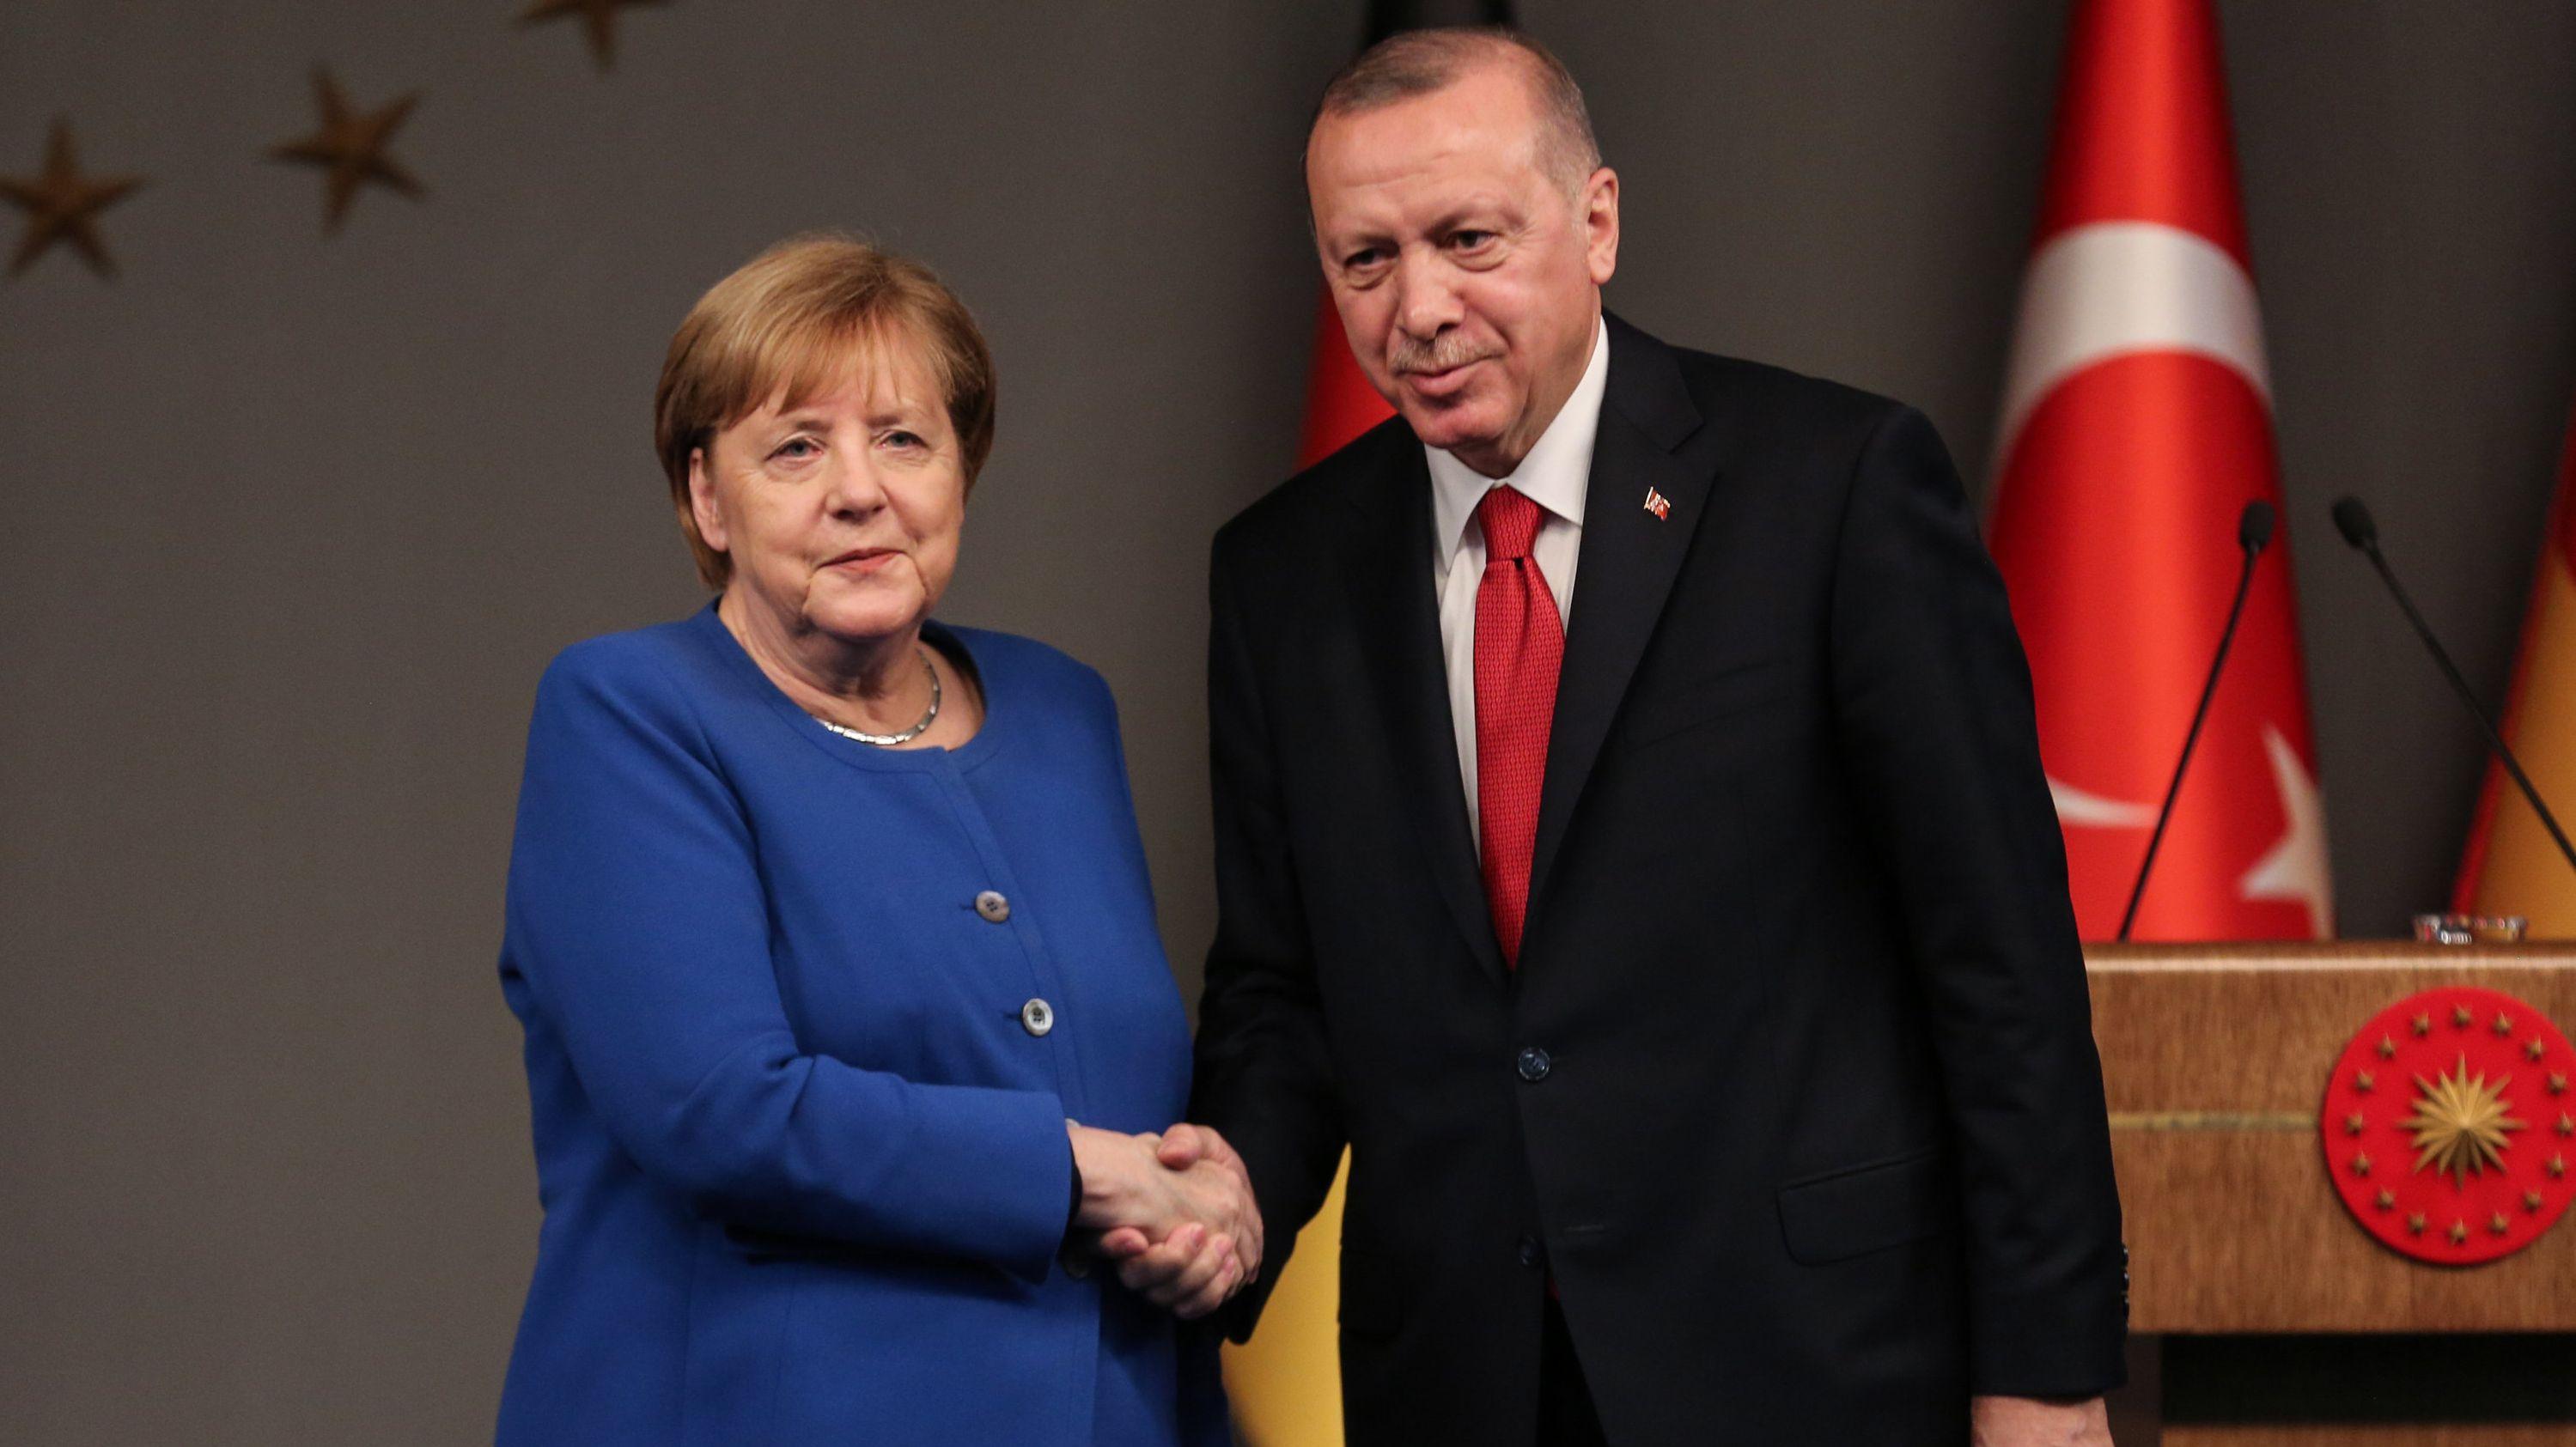 Türkei, Istanbul: Der türkische Präsident Recep Tayyip Erdogan und Bundeskanzlerin Angela Merkel schütteln sich nach einer gemeinsamen Pressekonferenz die Hand.